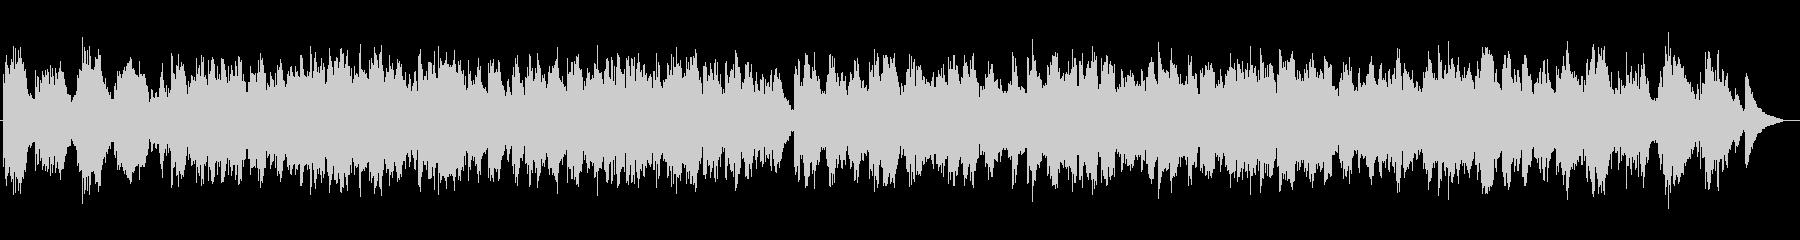 癒しのシンセサイザーサウンドの未再生の波形